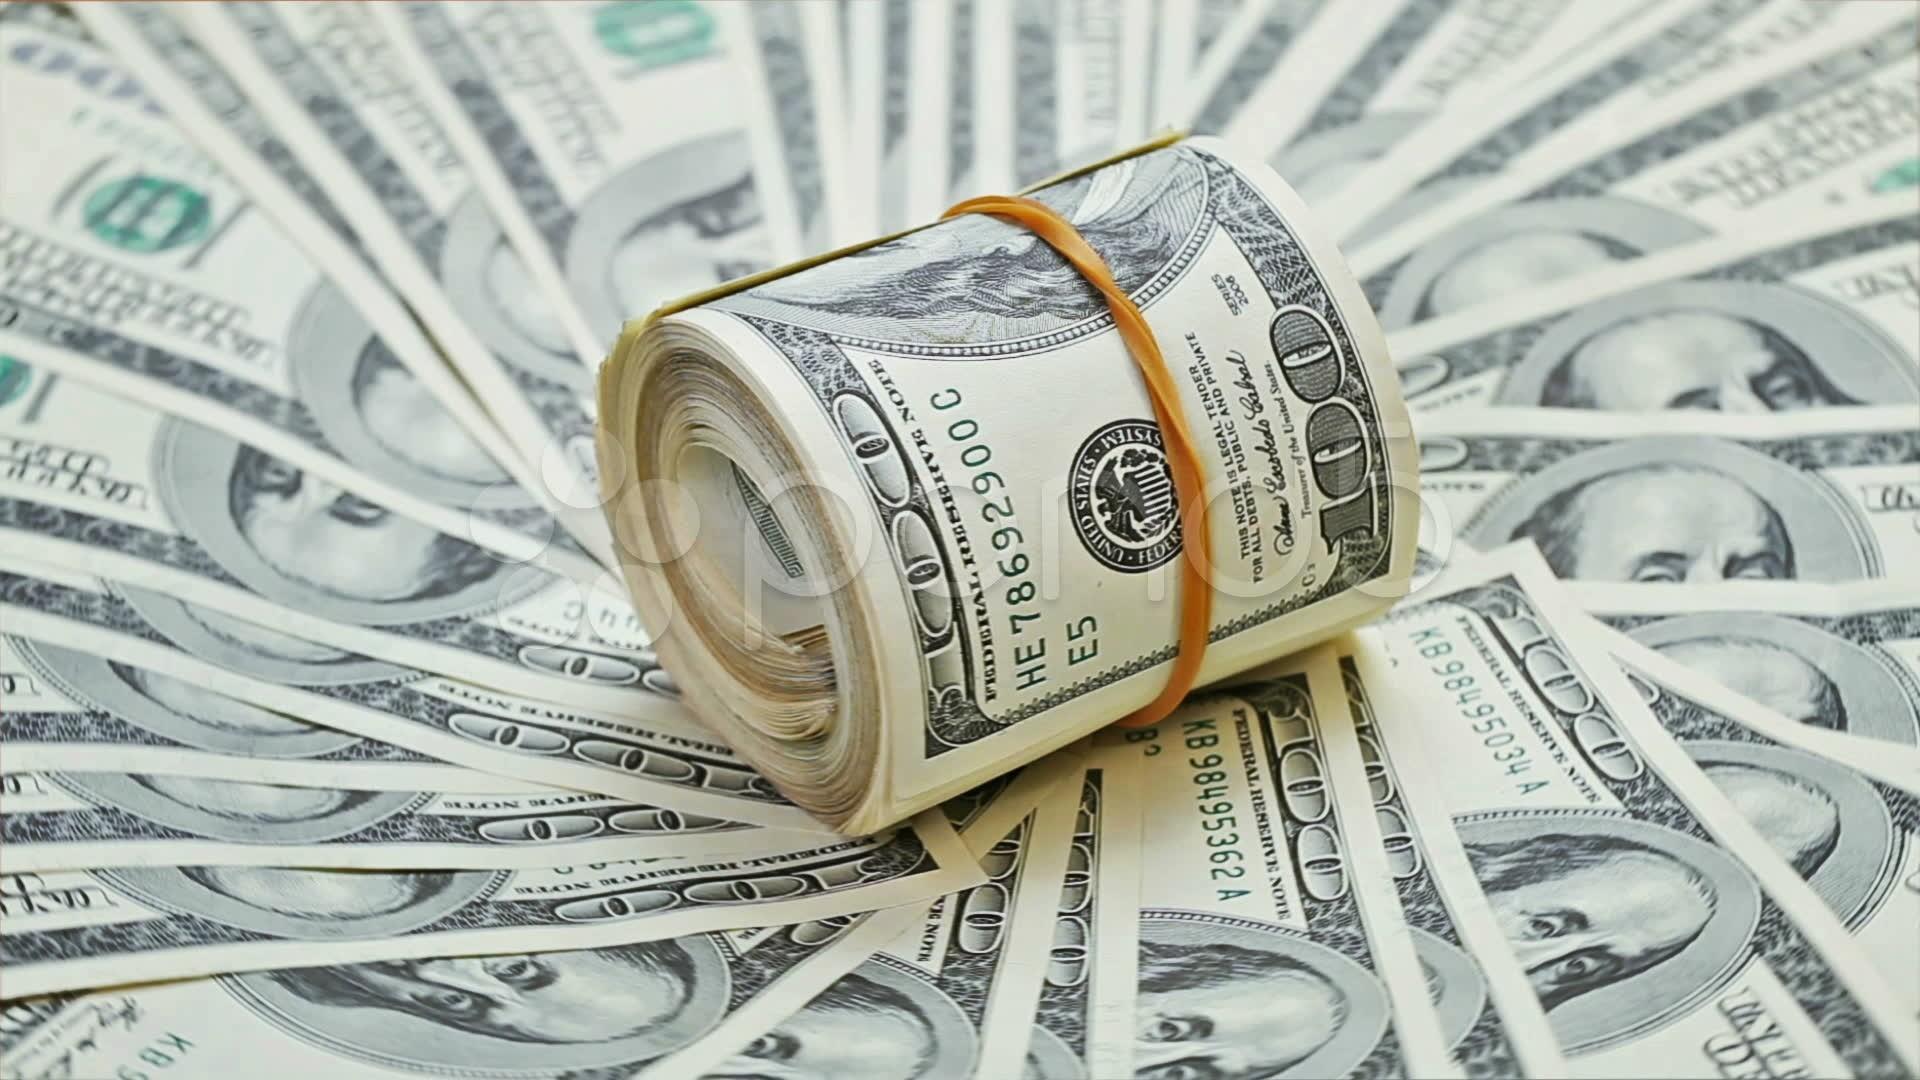 Res: 1920x1080, Money Wallpaper 8 - 1920 X 1080